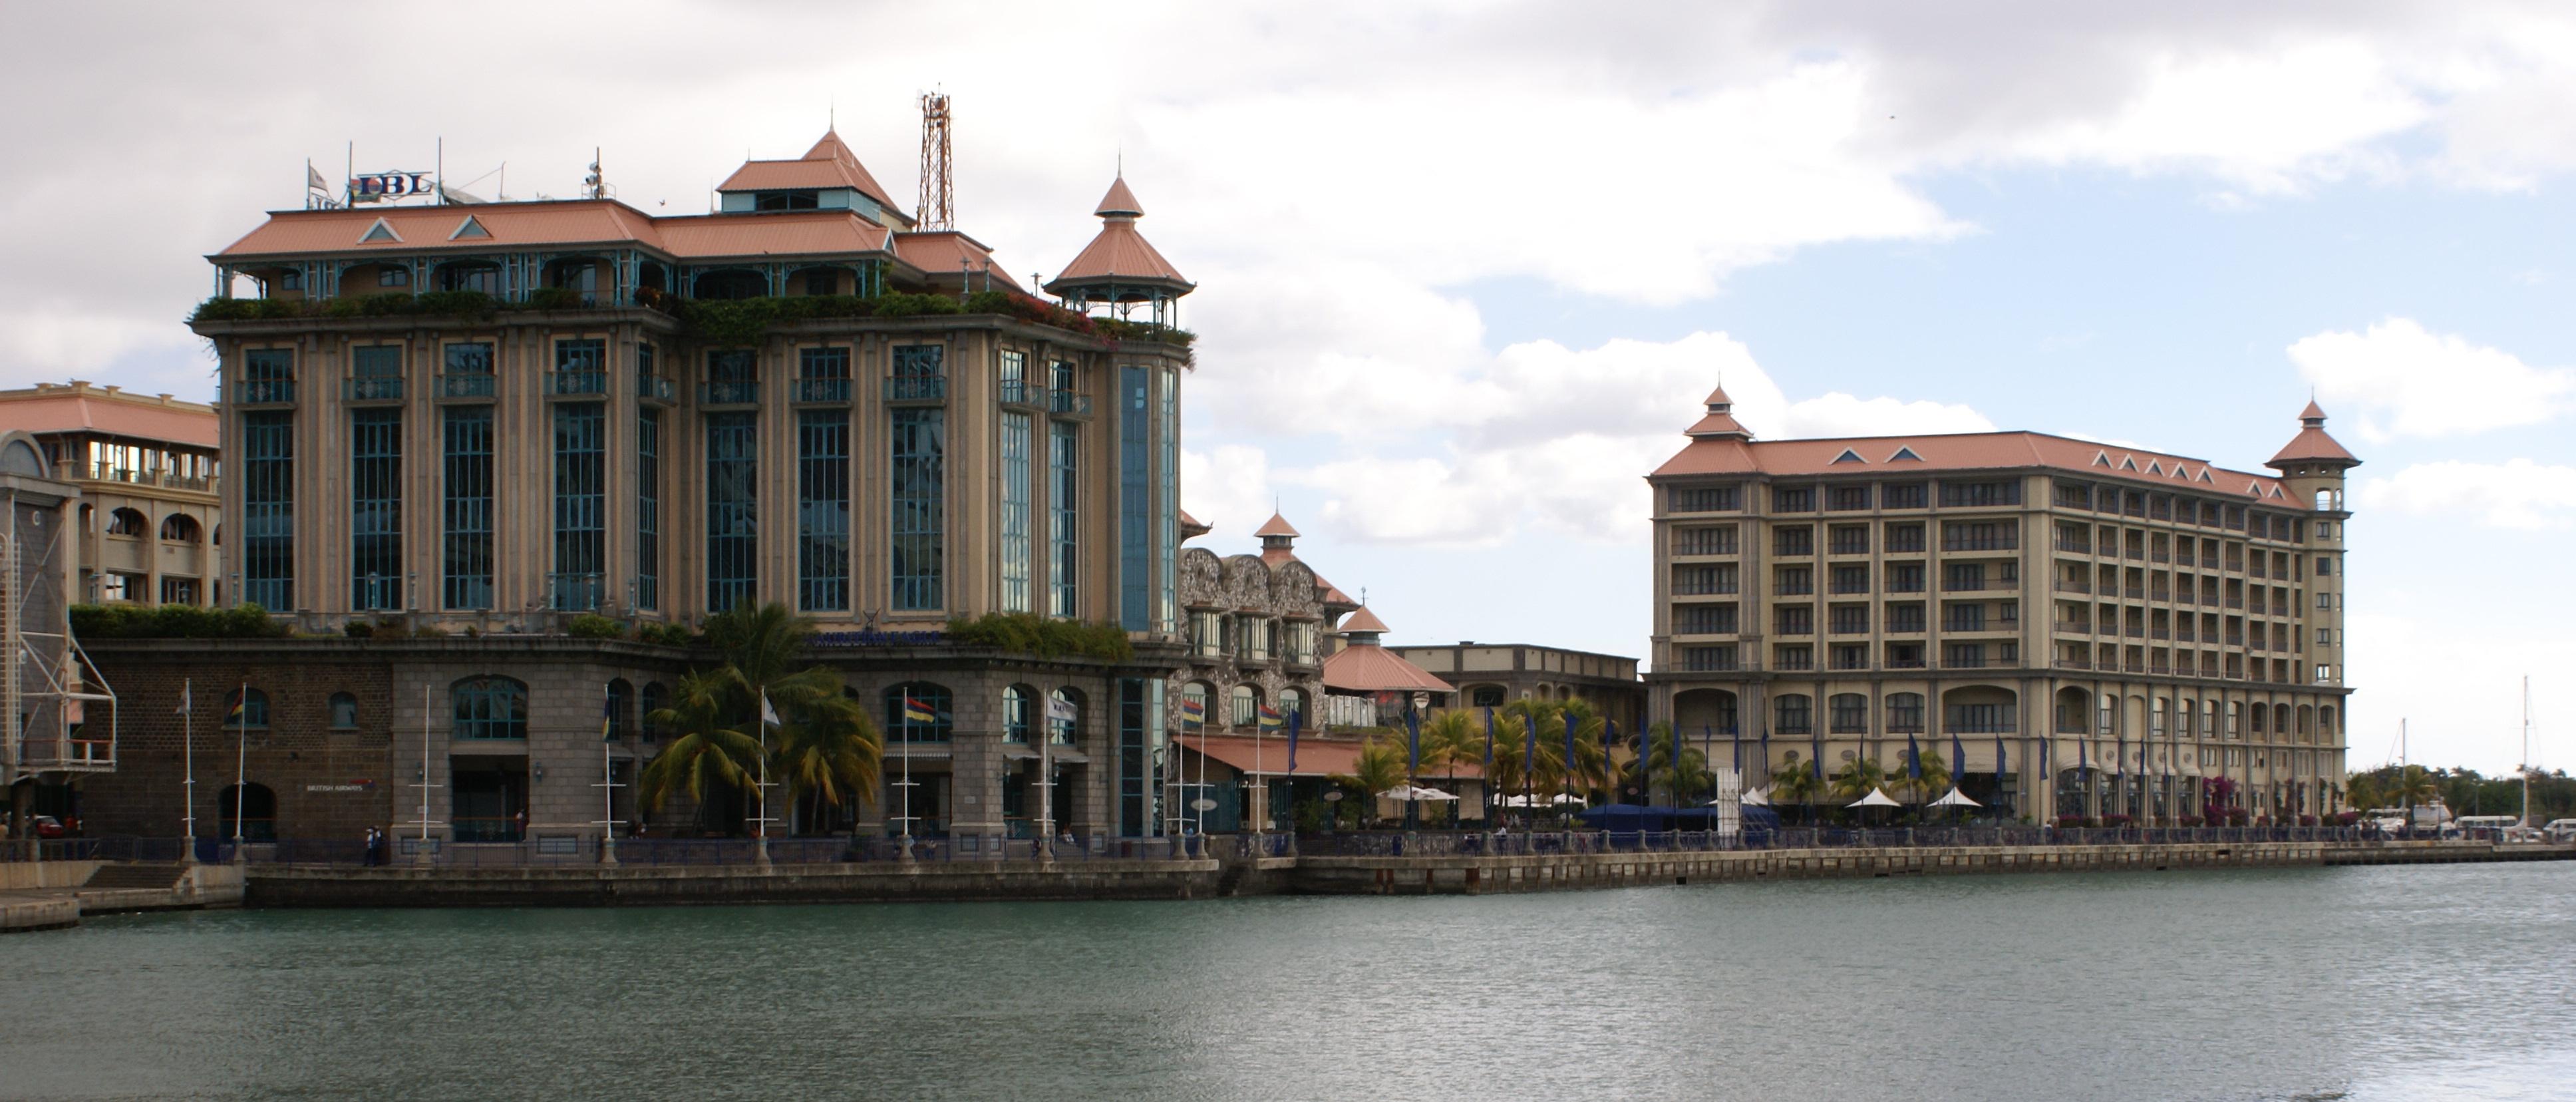 Air mauritius head office in port louis mauritius airlines airports - Restaurants in port louis mauritius ...